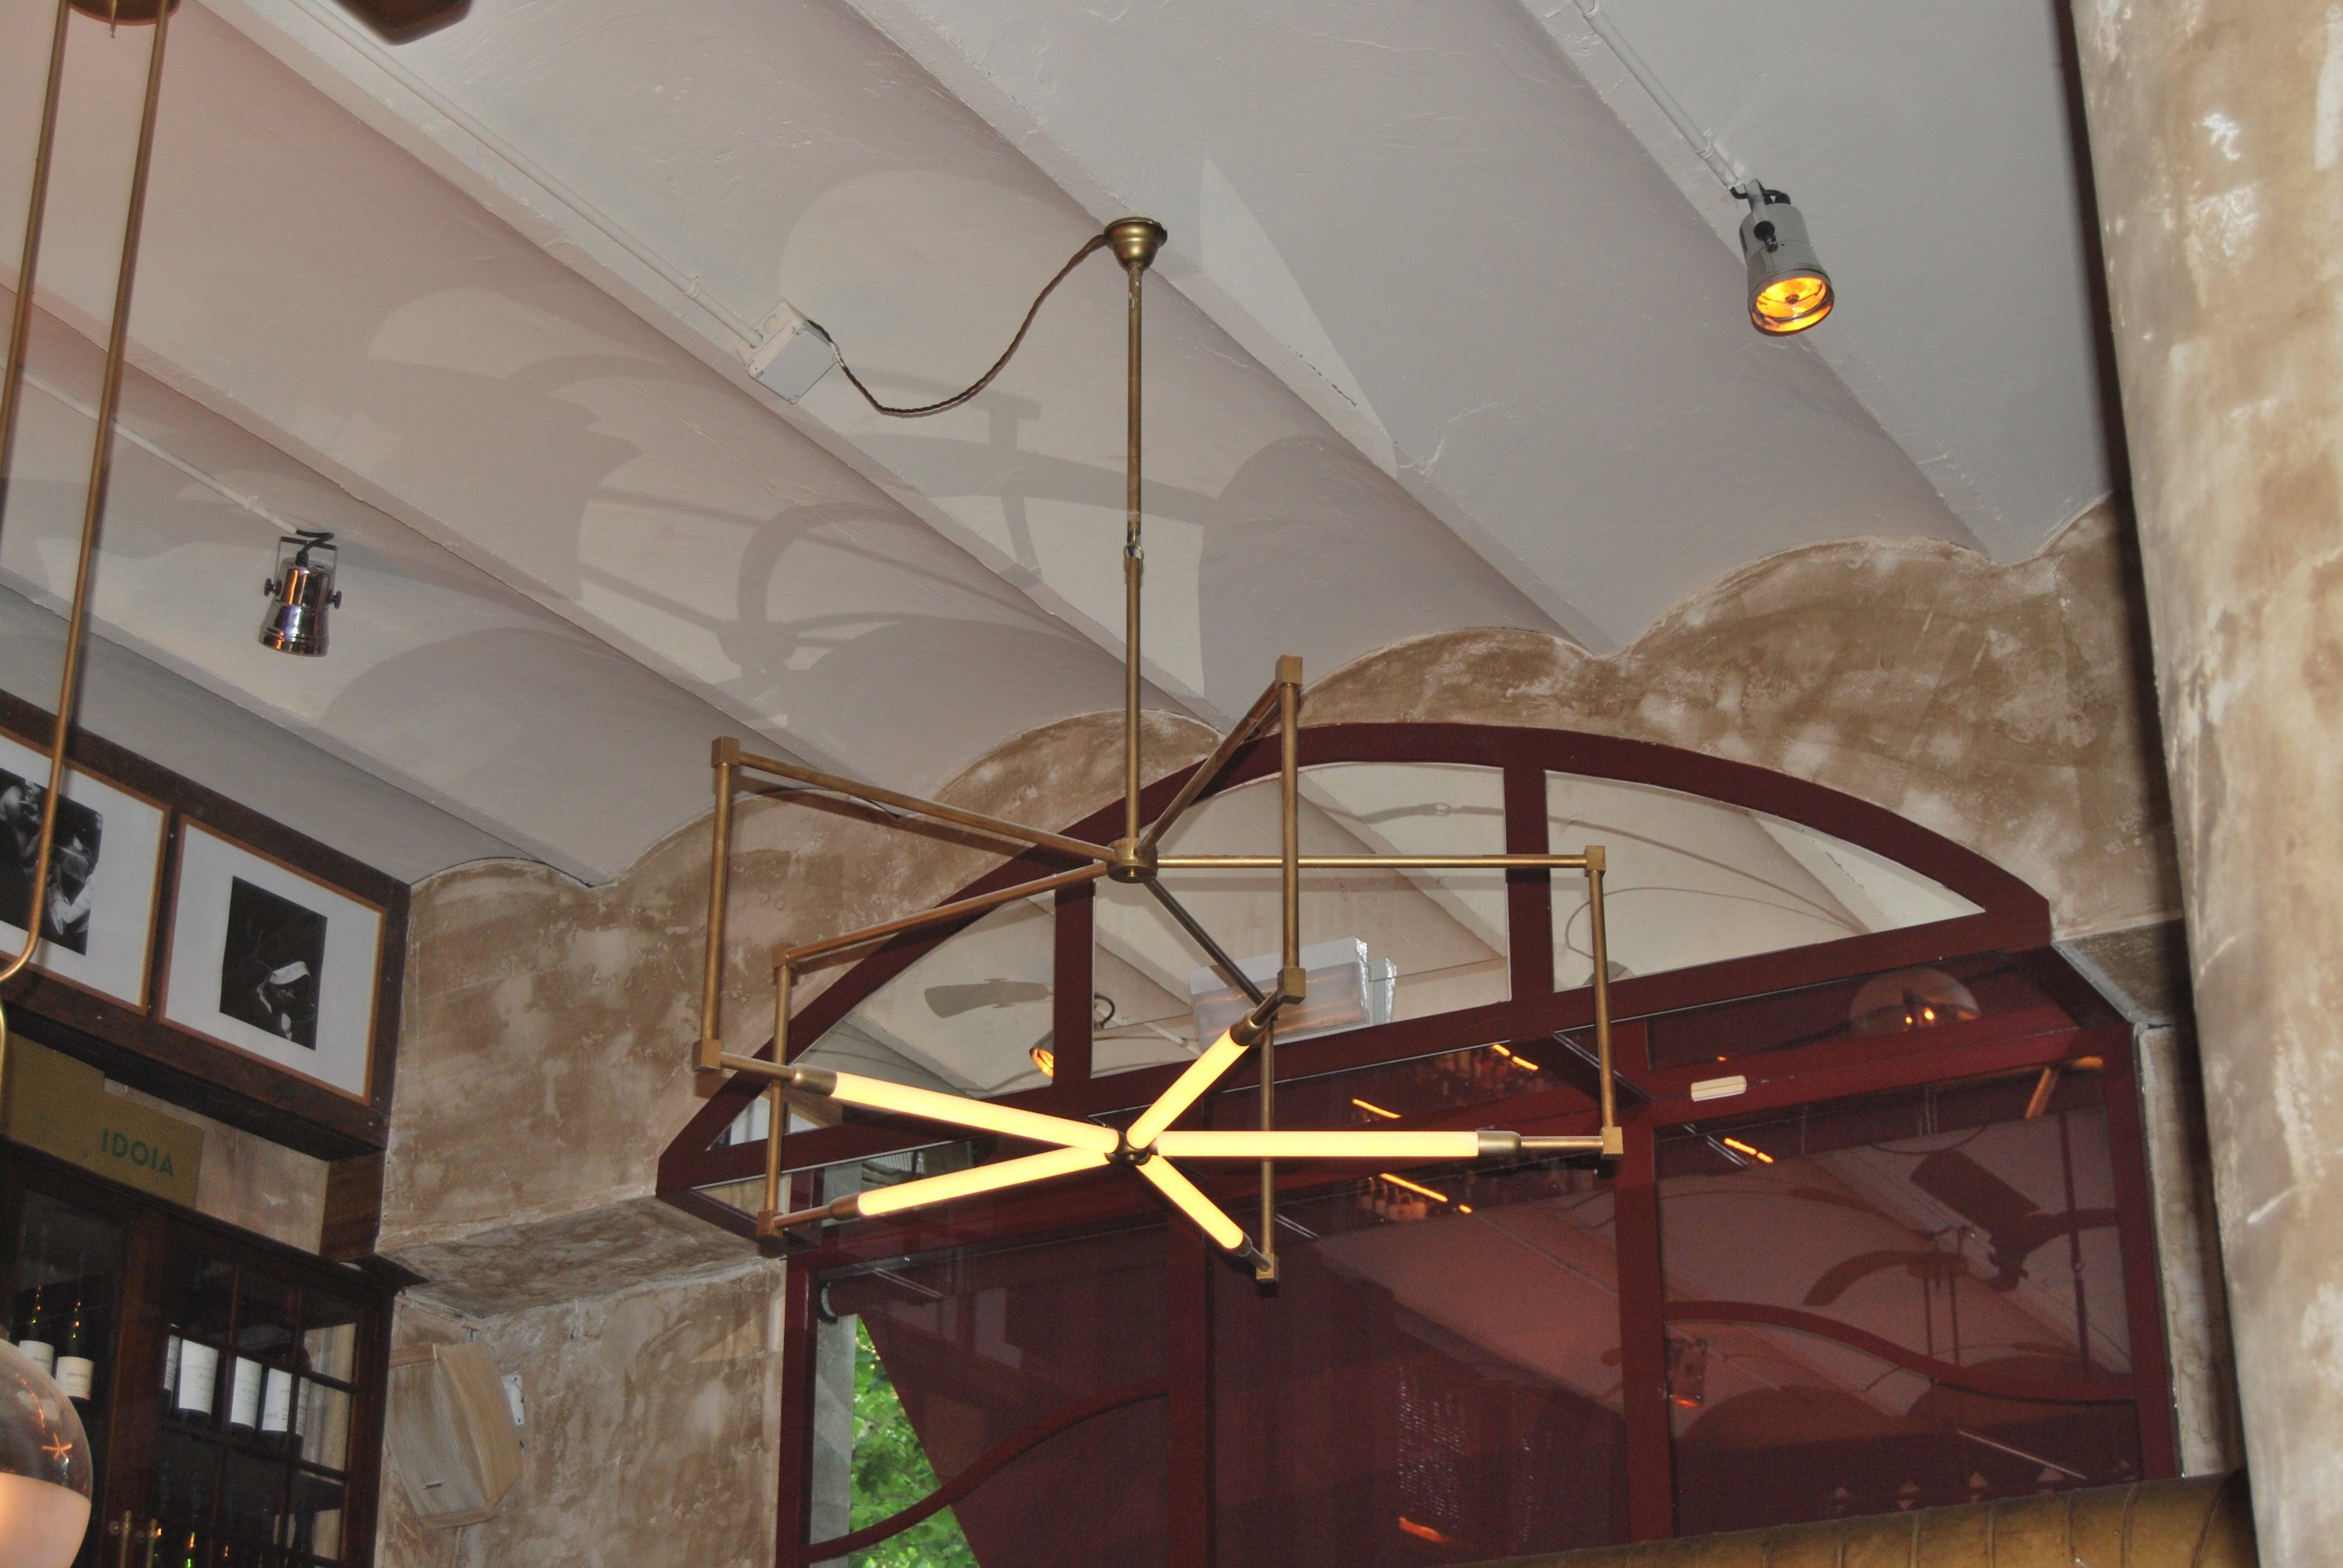 fabricacion de lampara a medida dajor techo